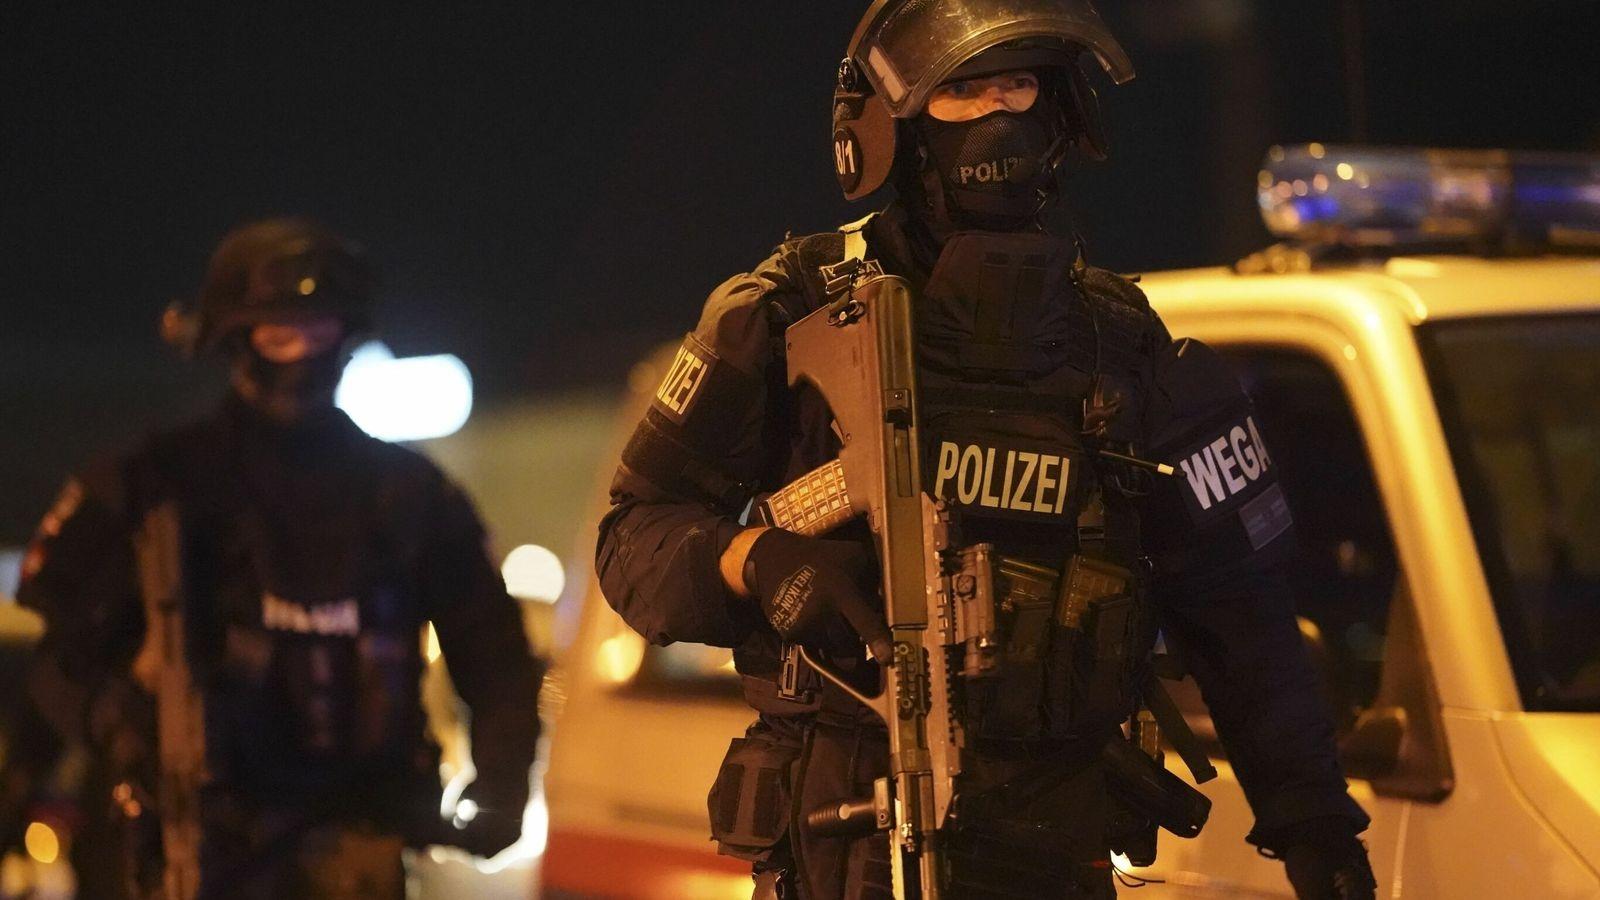 Khủng bố ở Áo: Ít nhất 1 người chết và 15 người bị thương